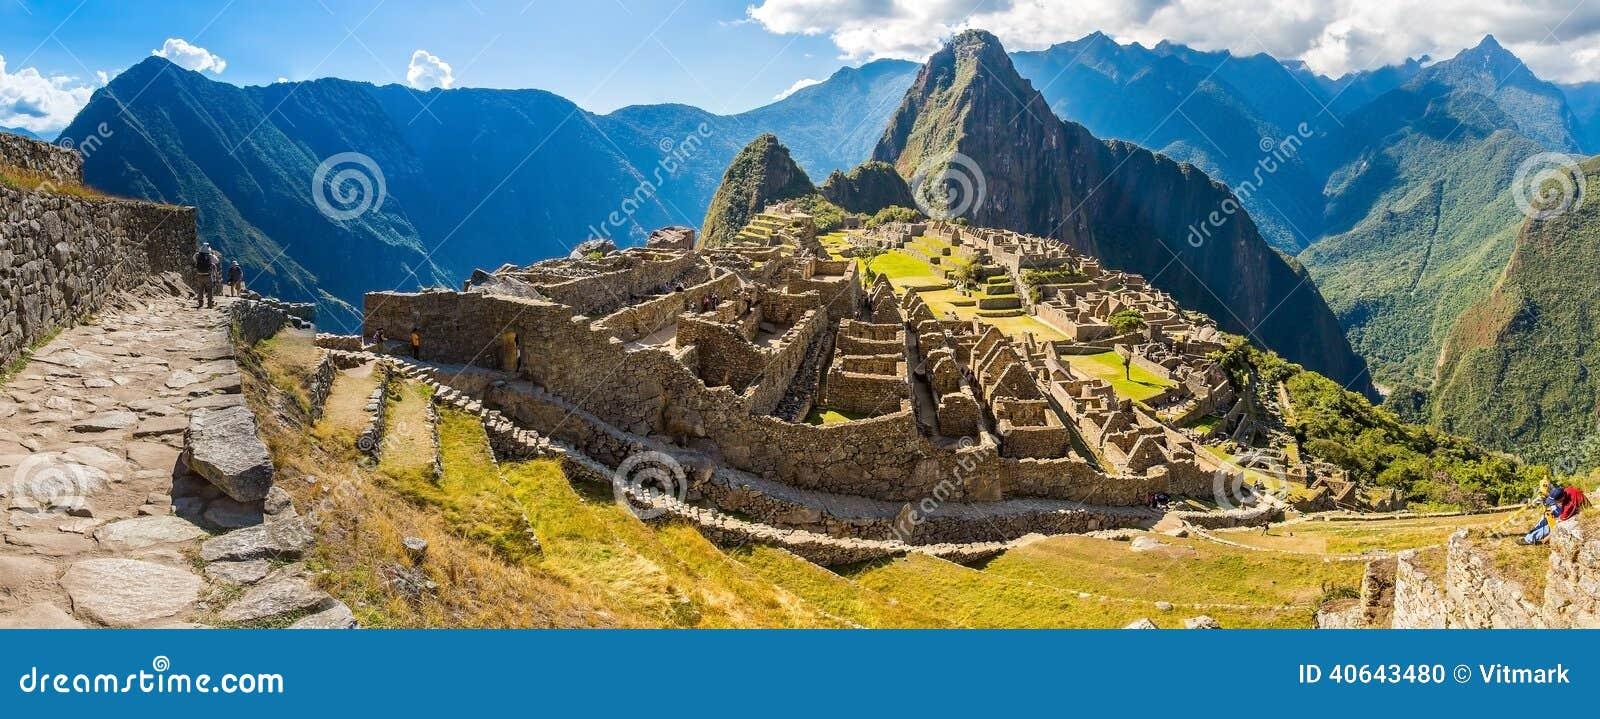 Panorama of Mysterious city - Machu Picchu, Peru, South America. The Incan ruins.